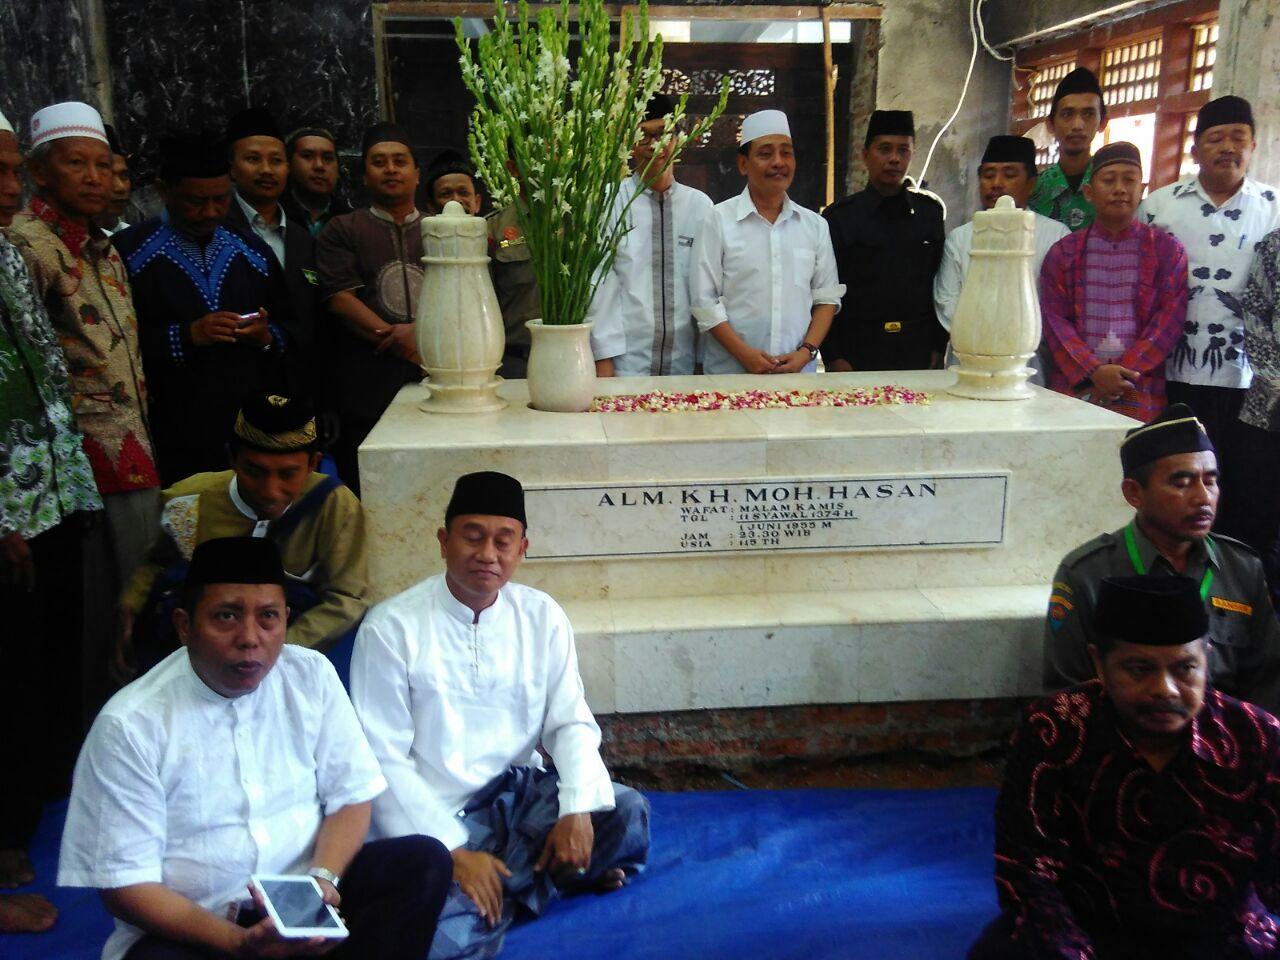 Ziaroh PWNU Jatim di makam KH. Moh. Hasan Probolinggo